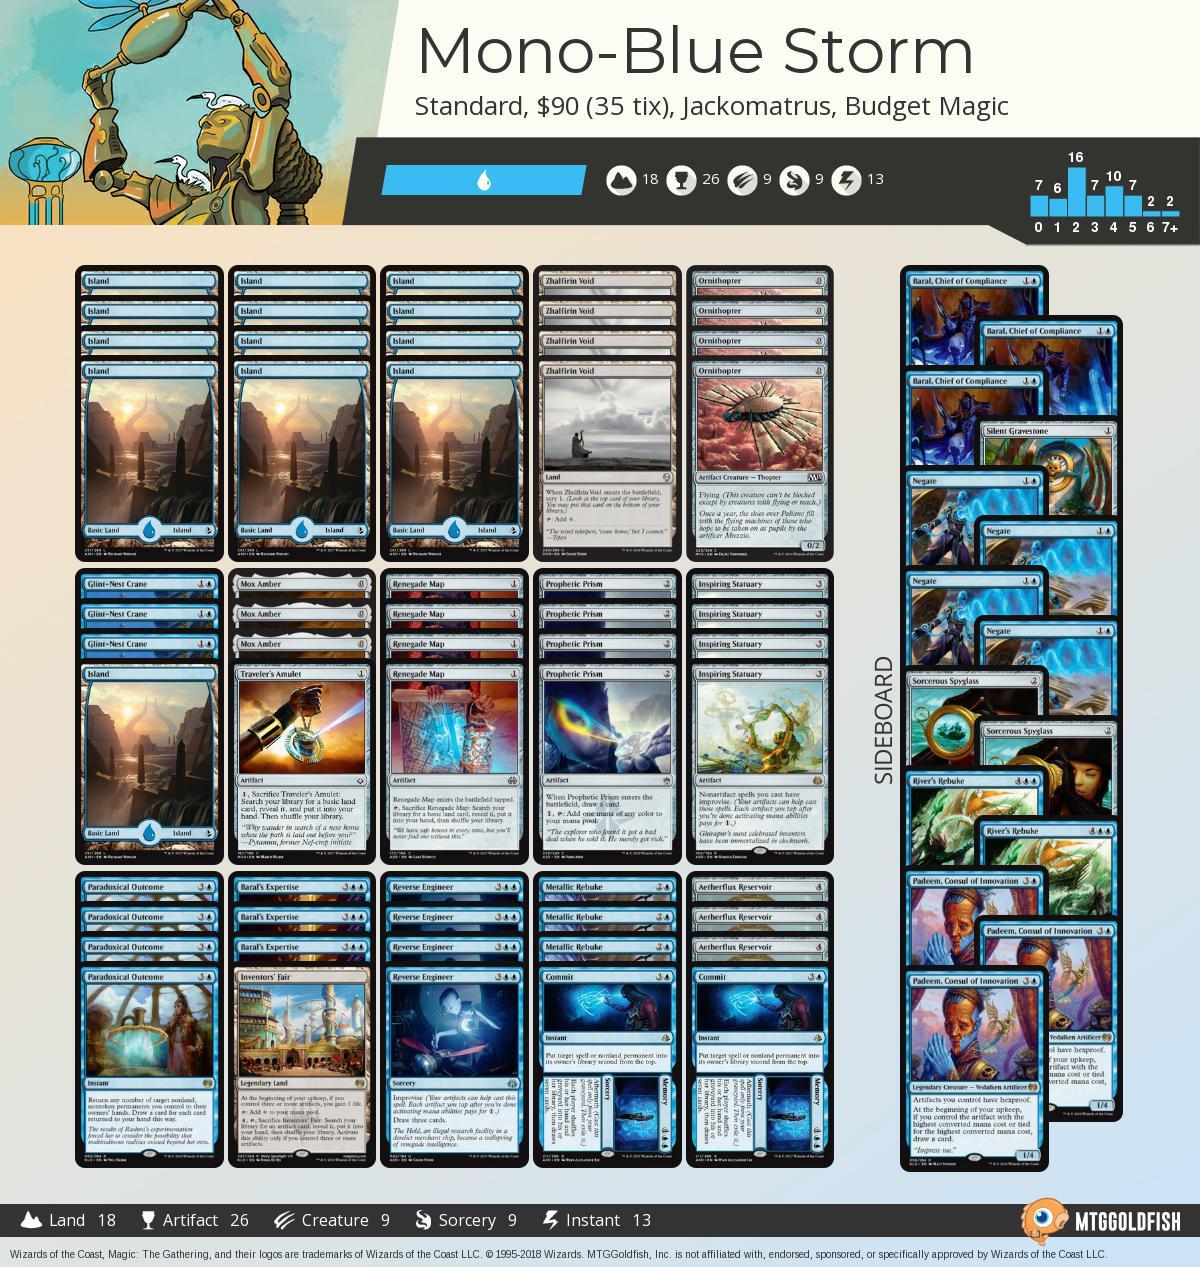 Mono blue%2bstorm 097ed033 2eb6 4656 9c2e 712a4ab8f701%2ejpg